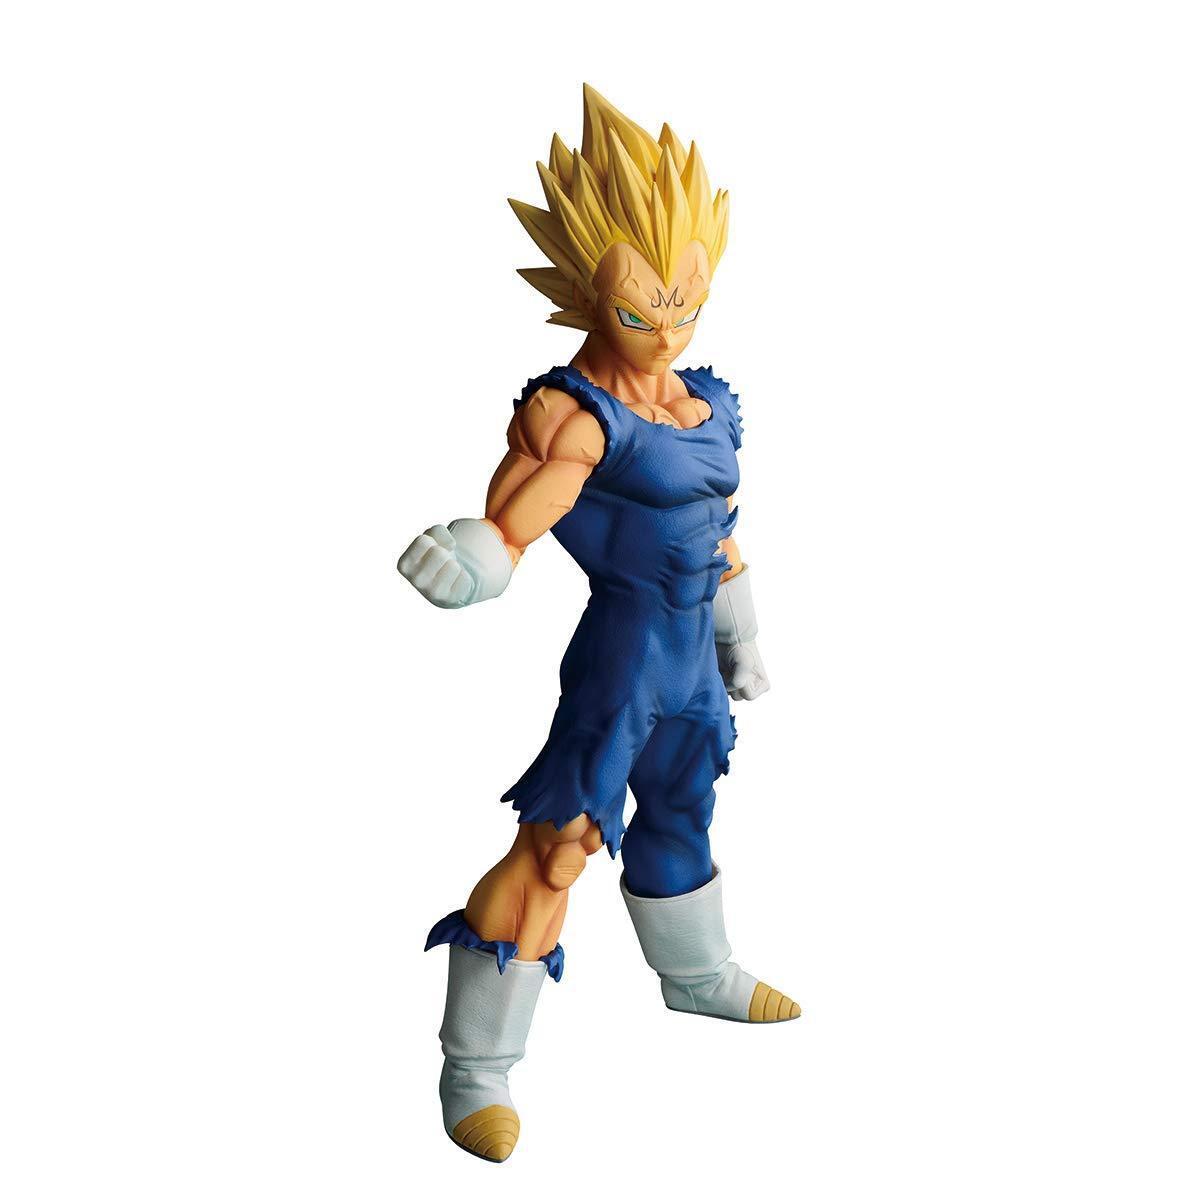 DBS Masterlise Emoving Legend Battle cifra - Super Super Super Saiyan Majin Vegeta 8bc8ea